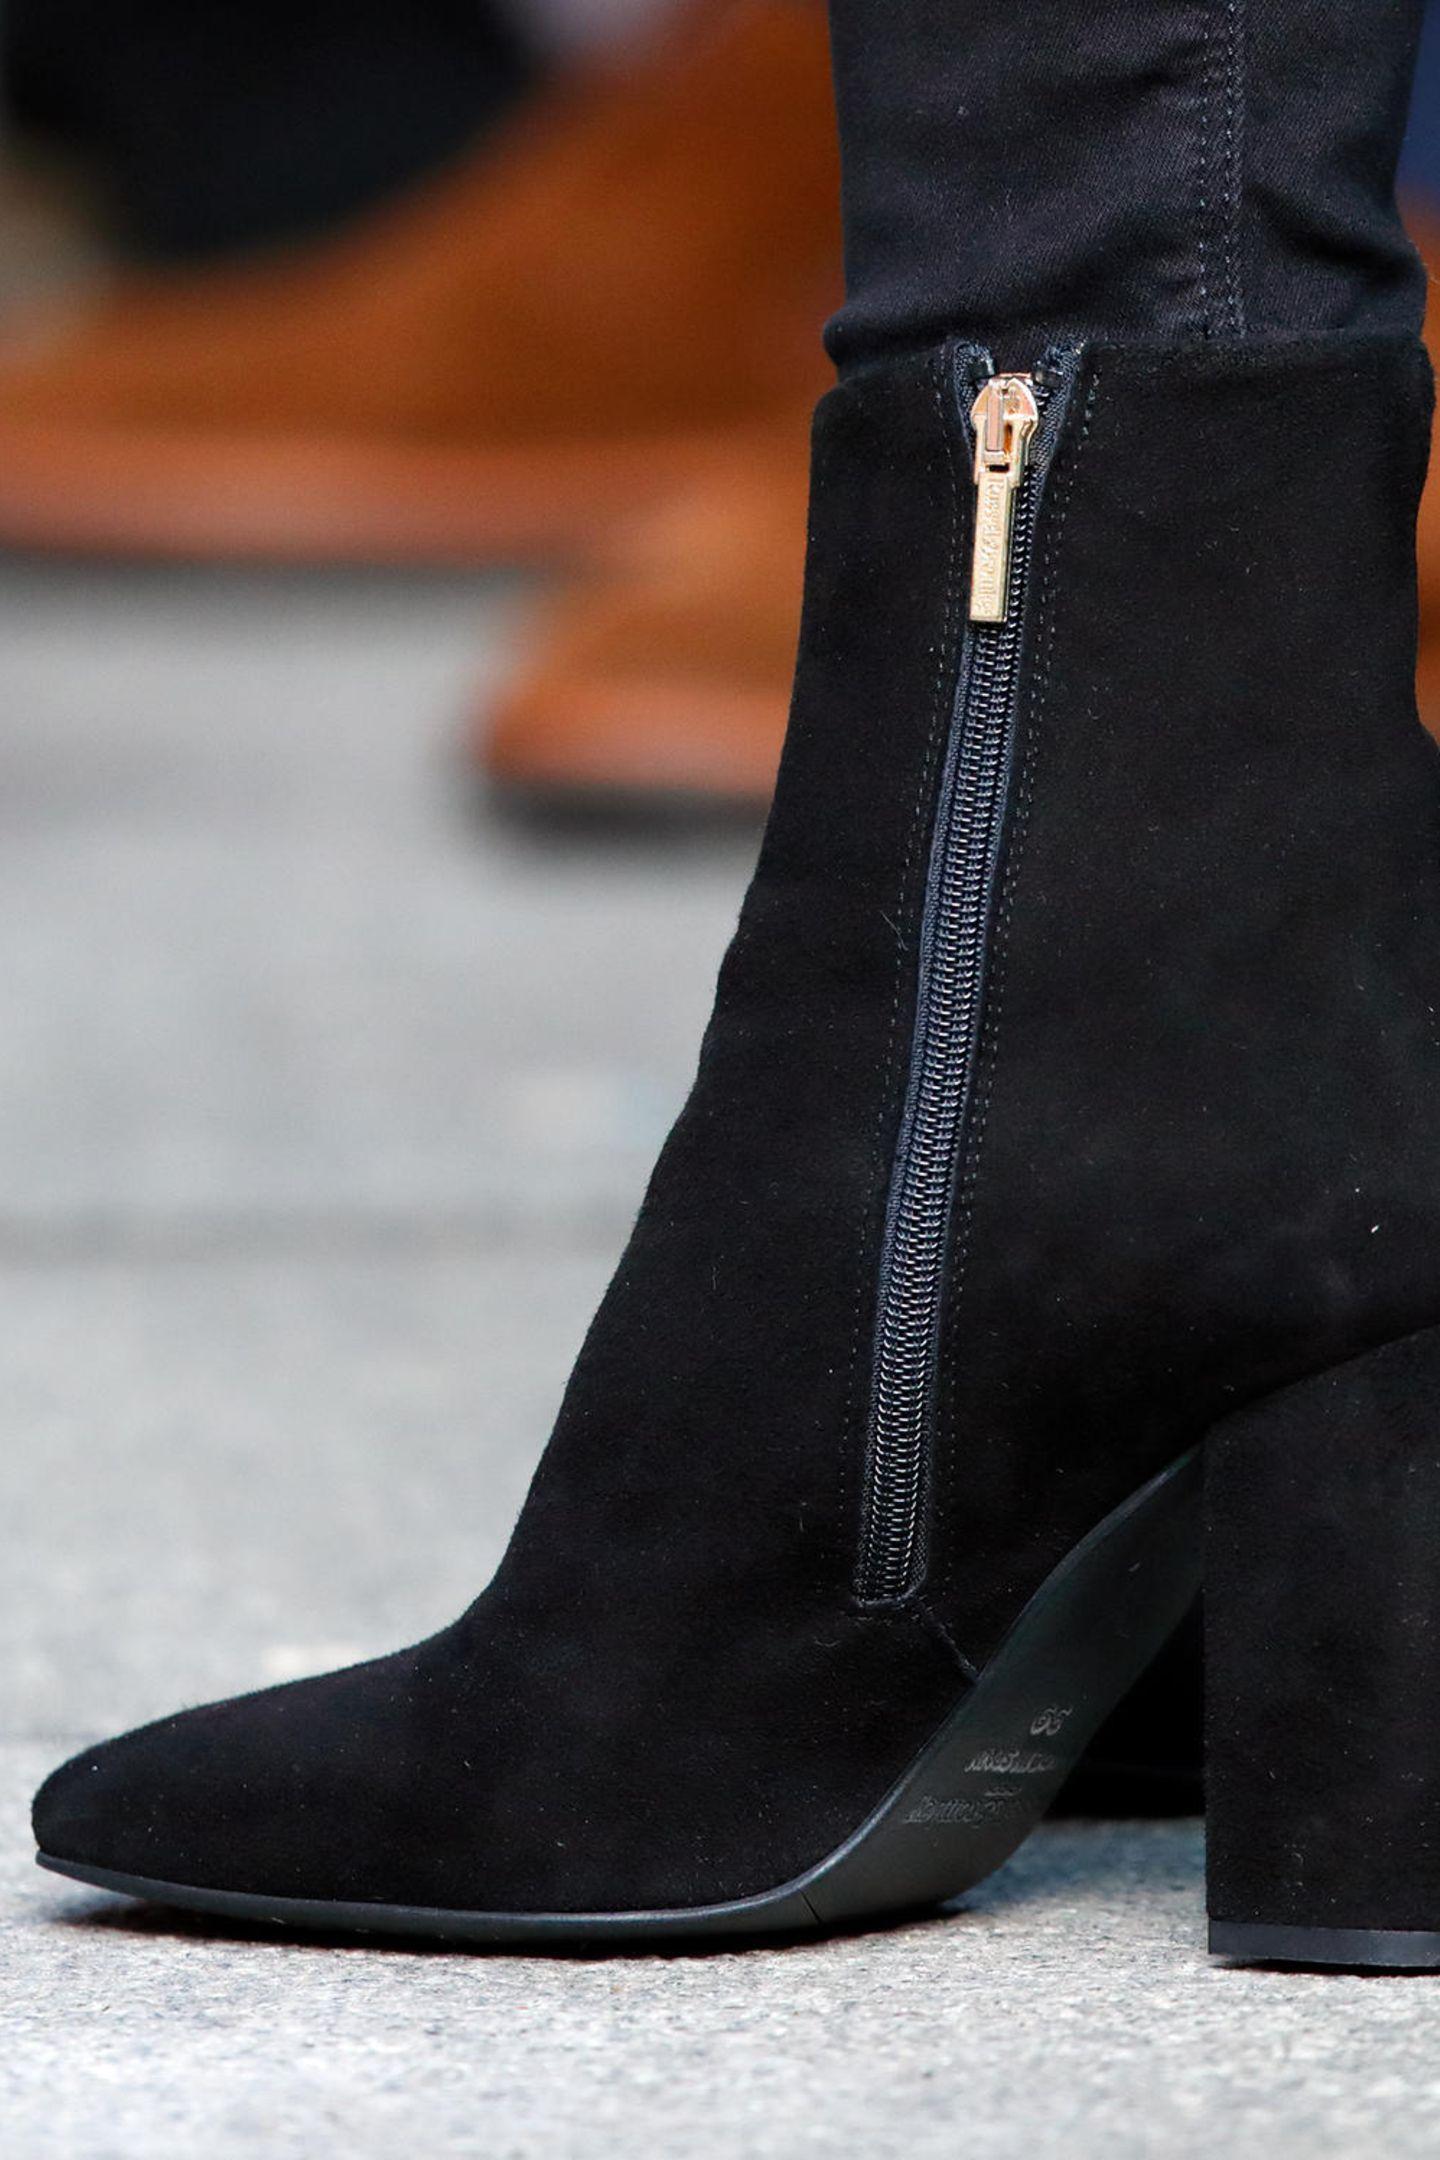 """Die Schuhe, von Russel & Bromley, machen den Look perfekt - das Modell trägt den romantischen Namen """"Date Night"""". Dank der breiten Absätze, einemgoldenen Reißverschluss und schlichtem schwarzenWildleder werdendie 260-Euro-Schuhe zu einem absolut zeitlosen It-Piece."""